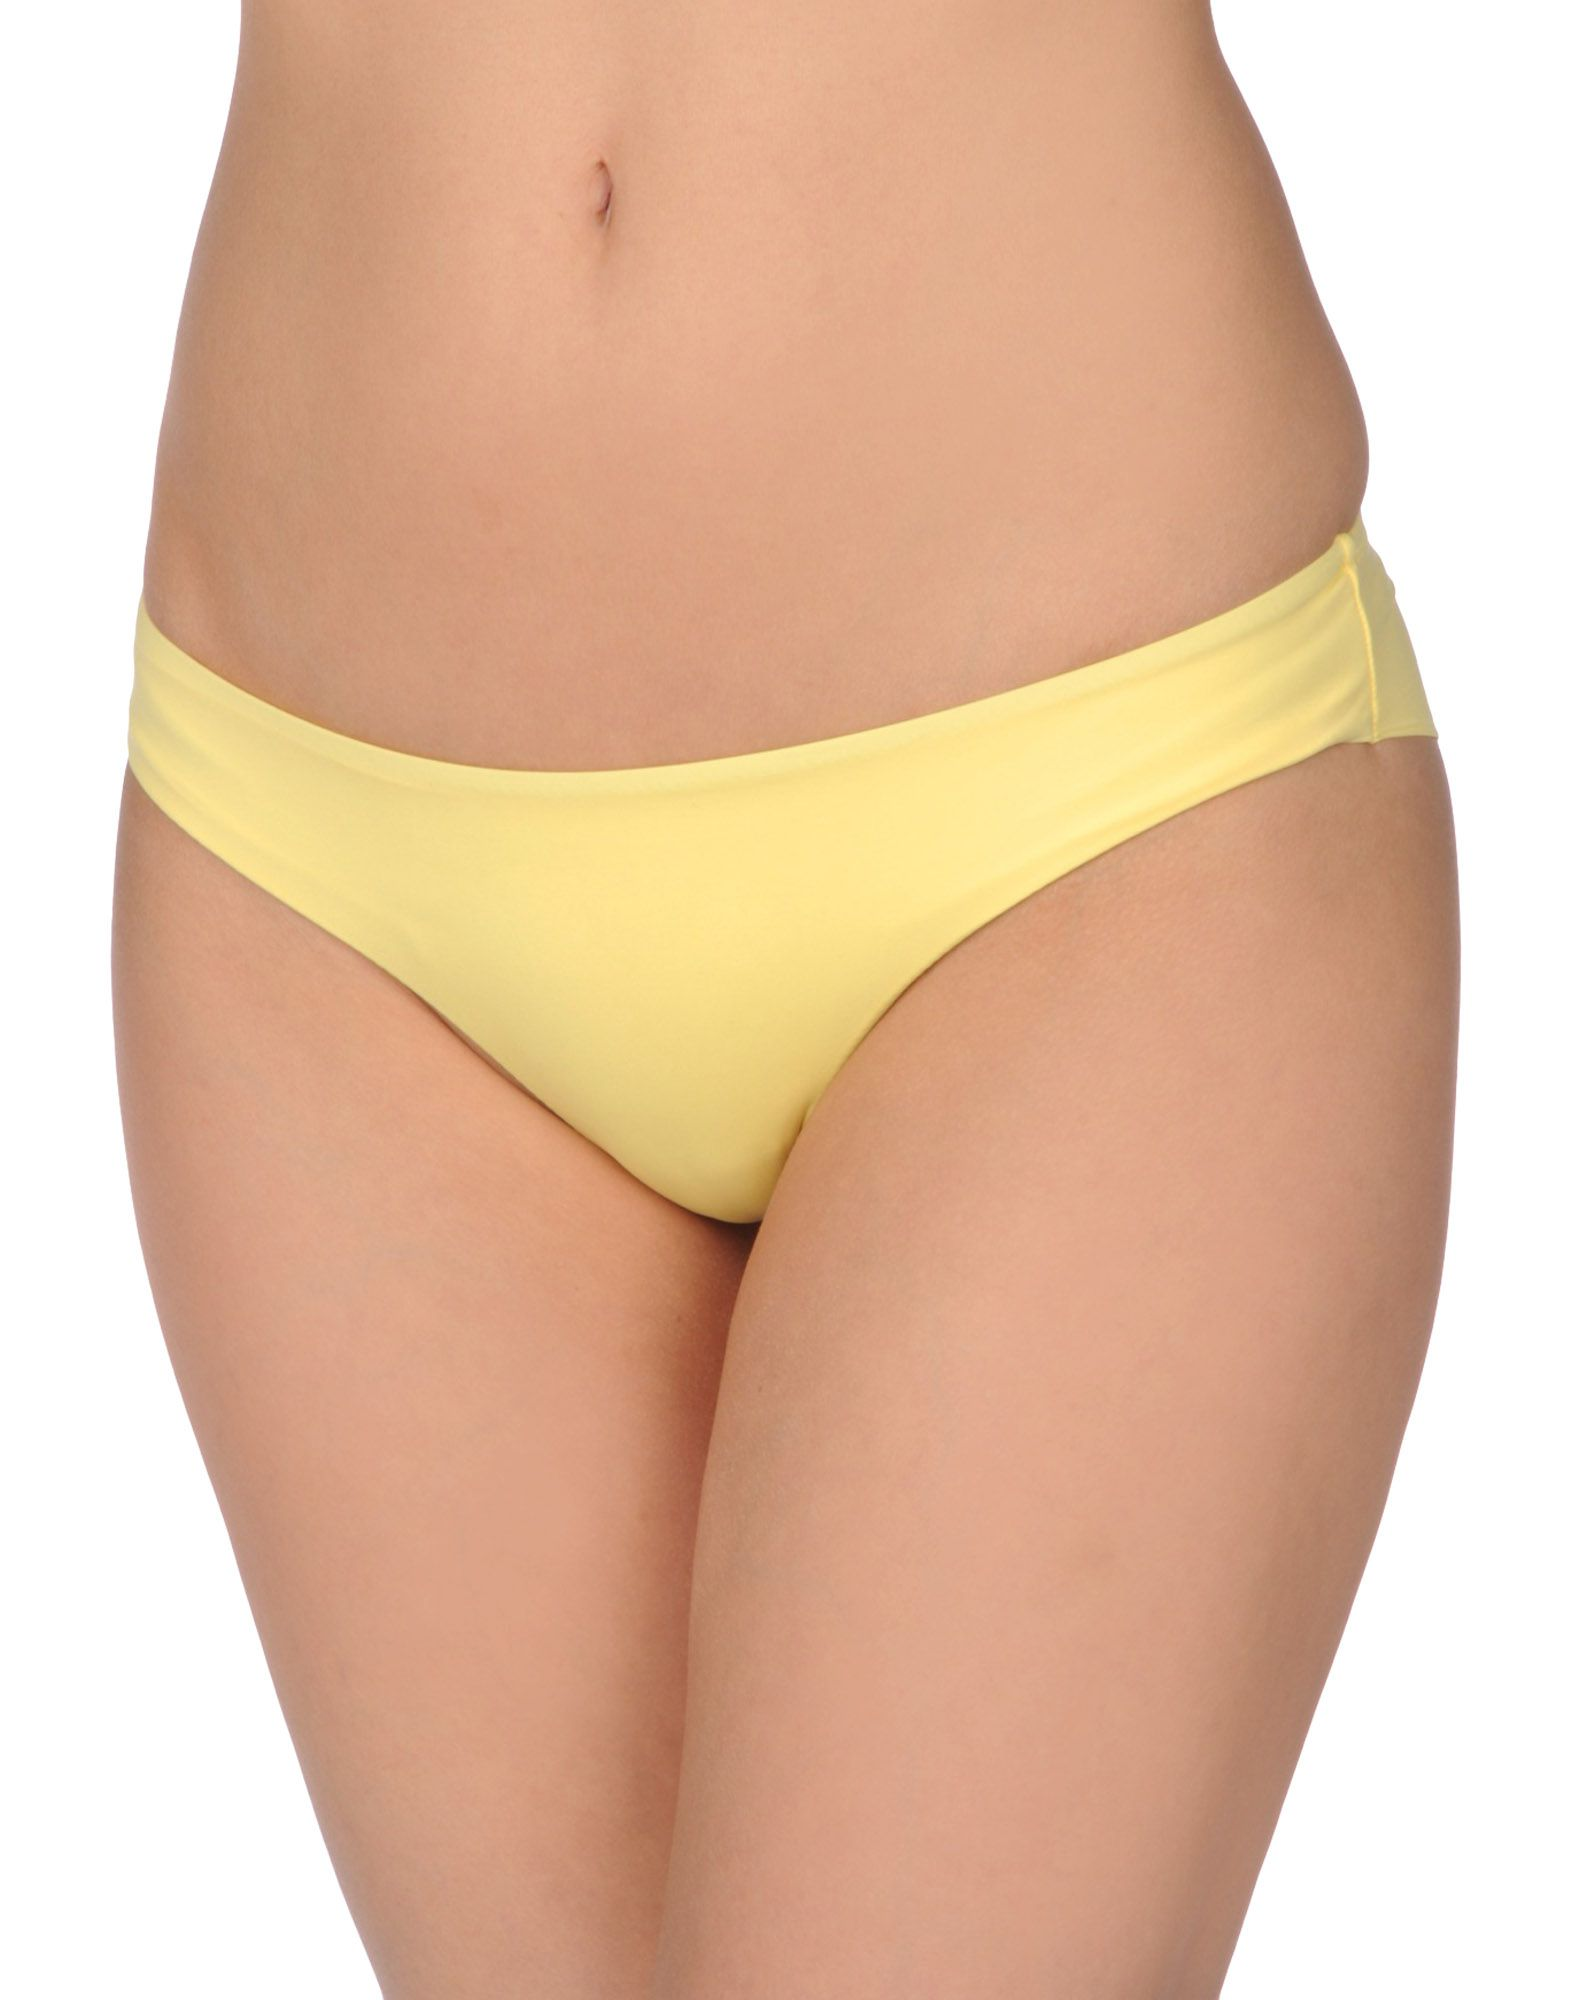 TOTON COMELLA - TCN Damen Badehose Farbe Gelb Größe 4